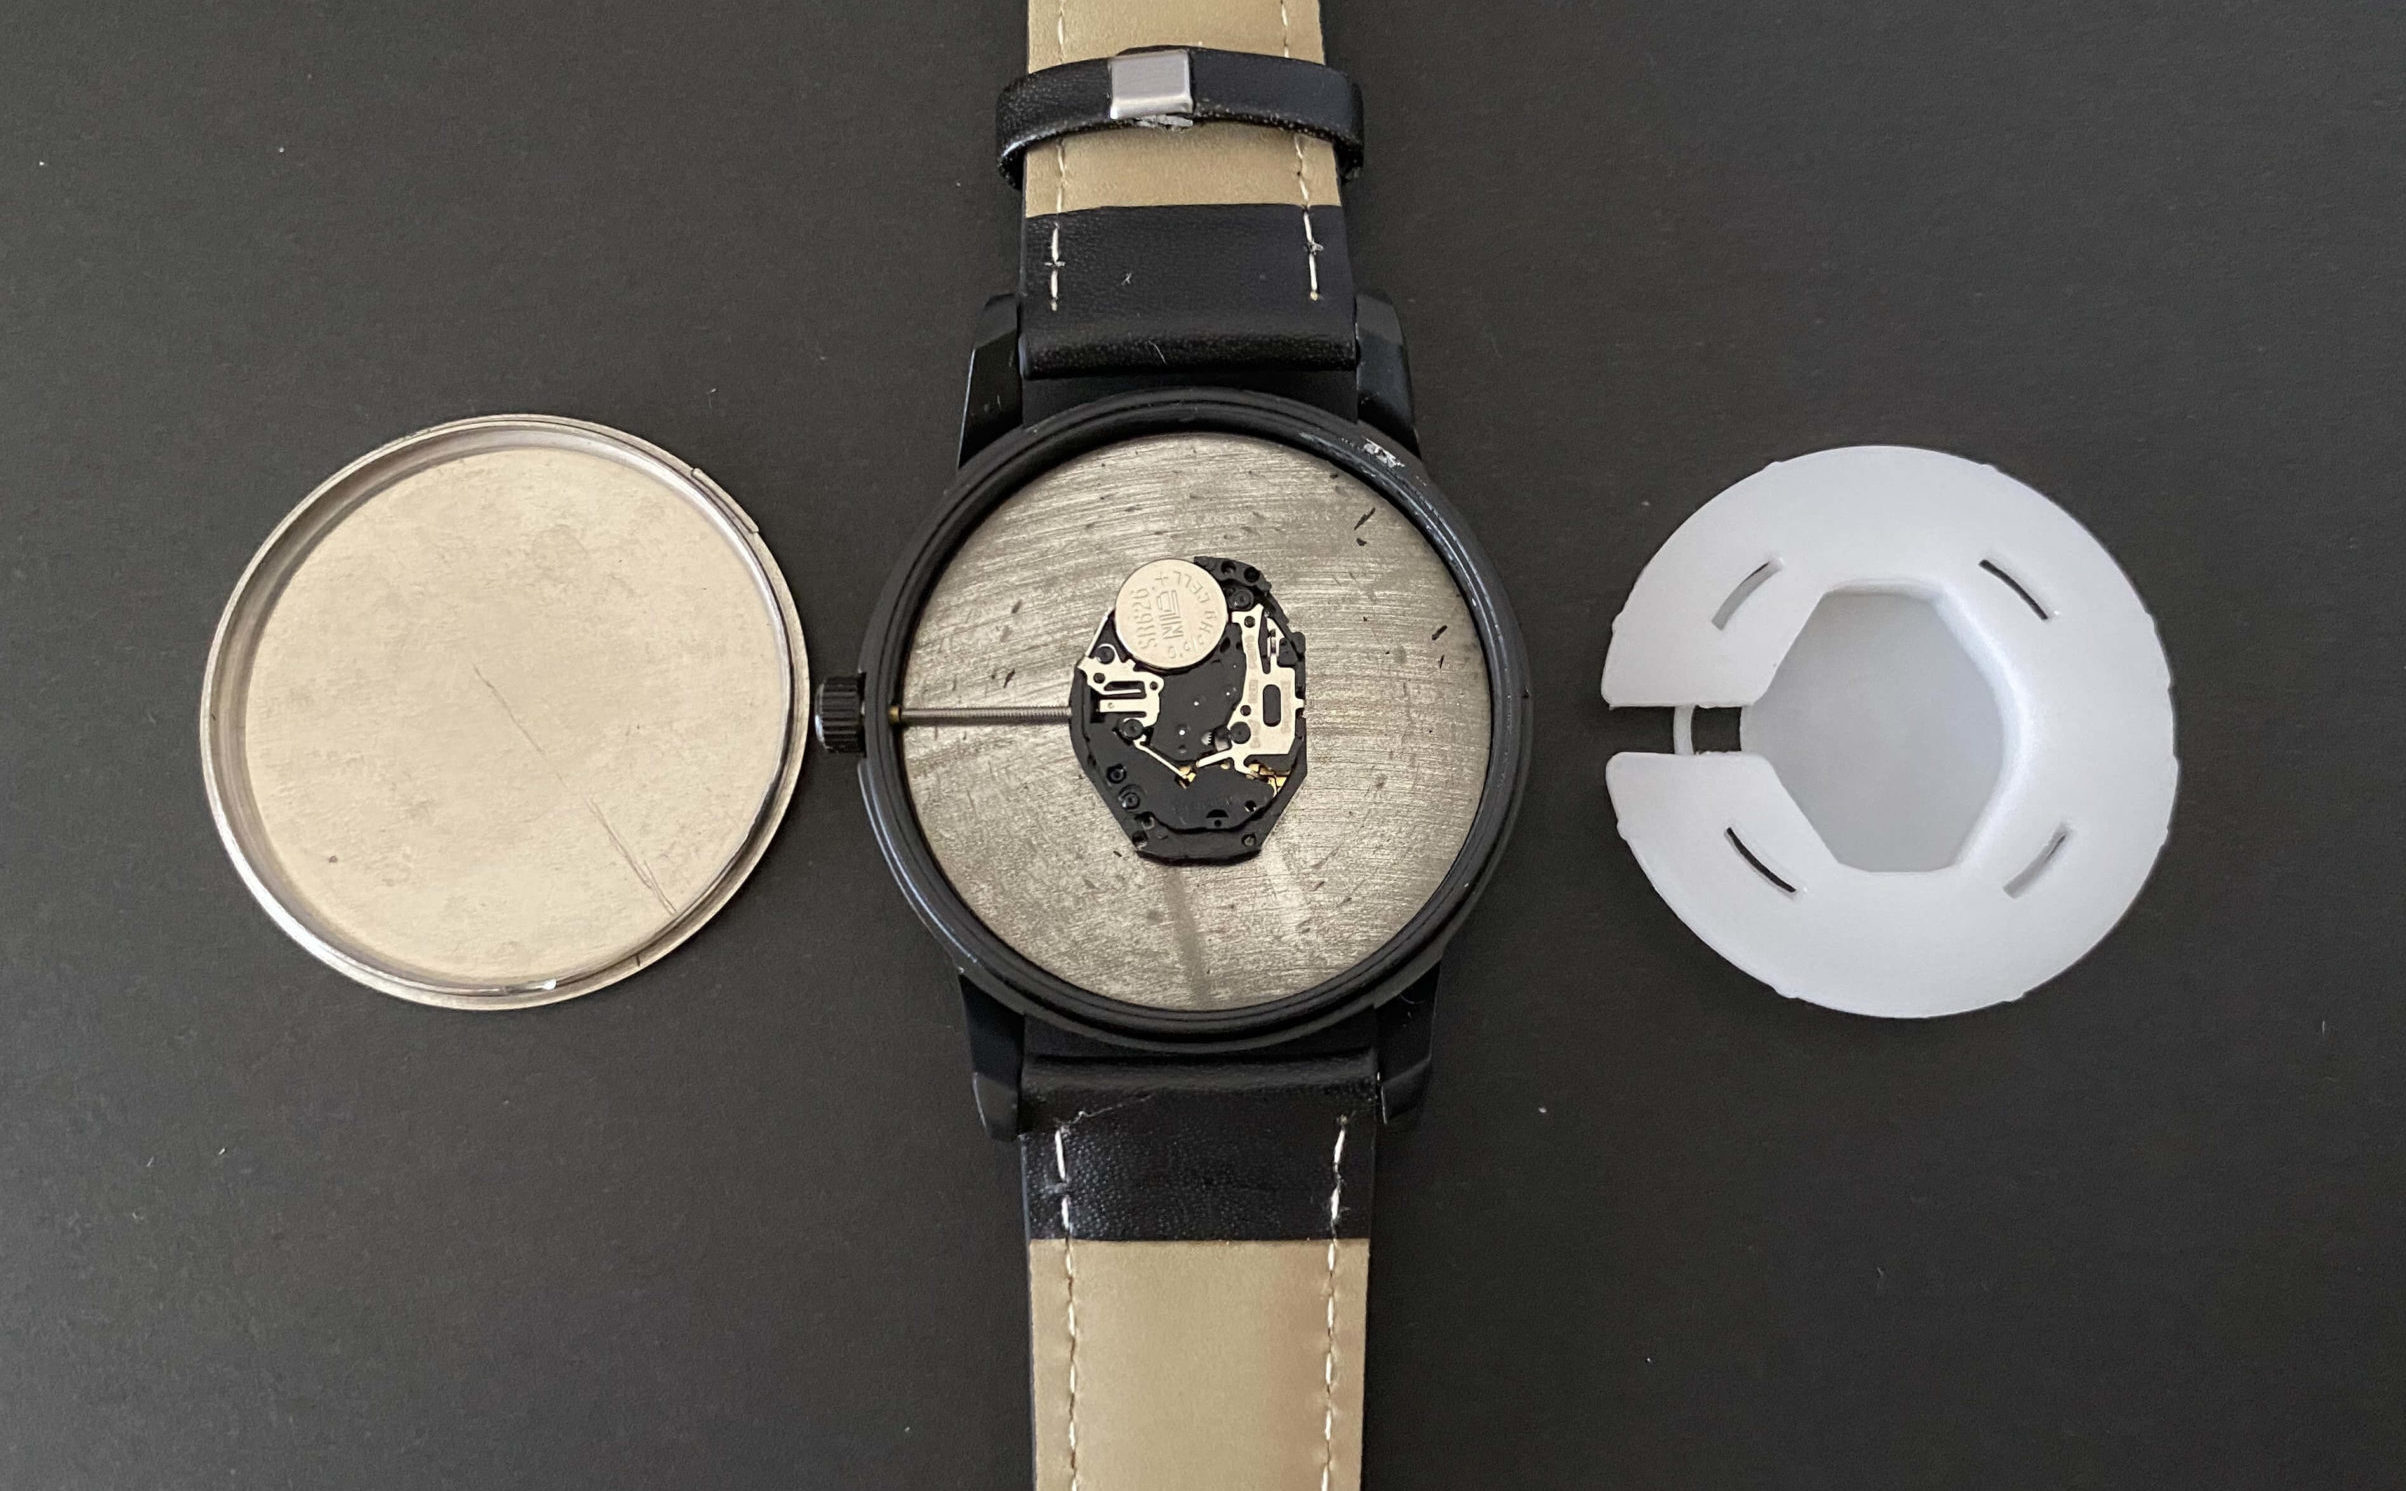 ダイソー腕時計からSR626SWが見えた状態